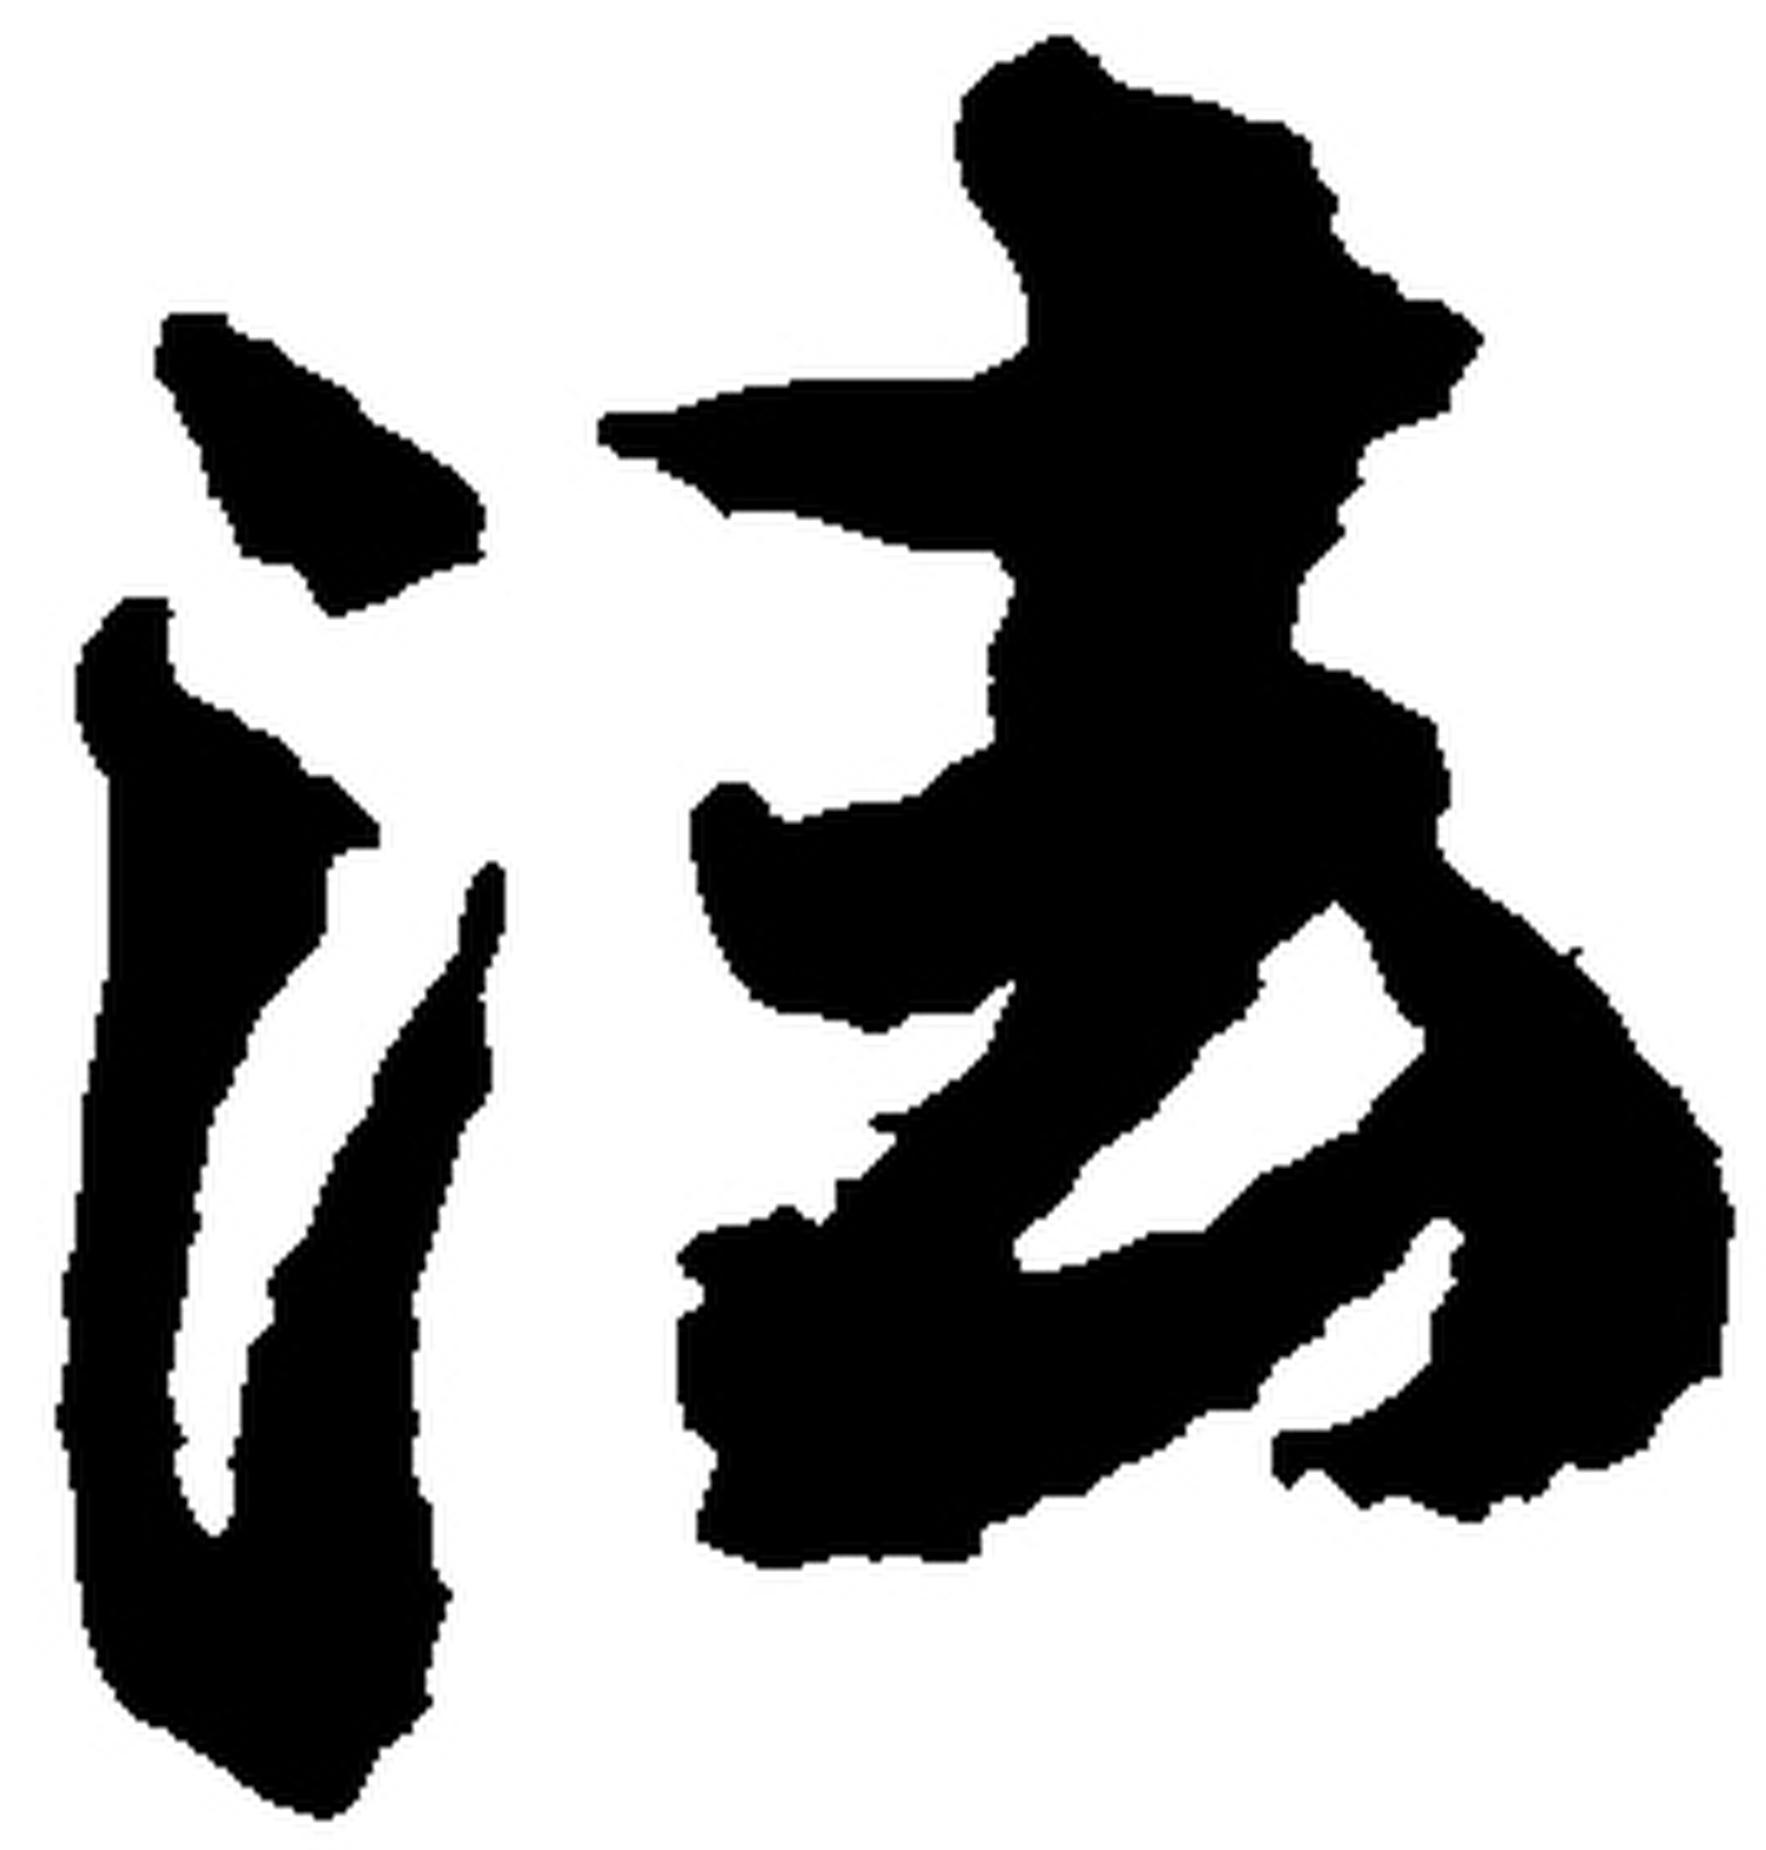 山西夏县依法取缔营业性麻将馆、棋牌室、麻将房